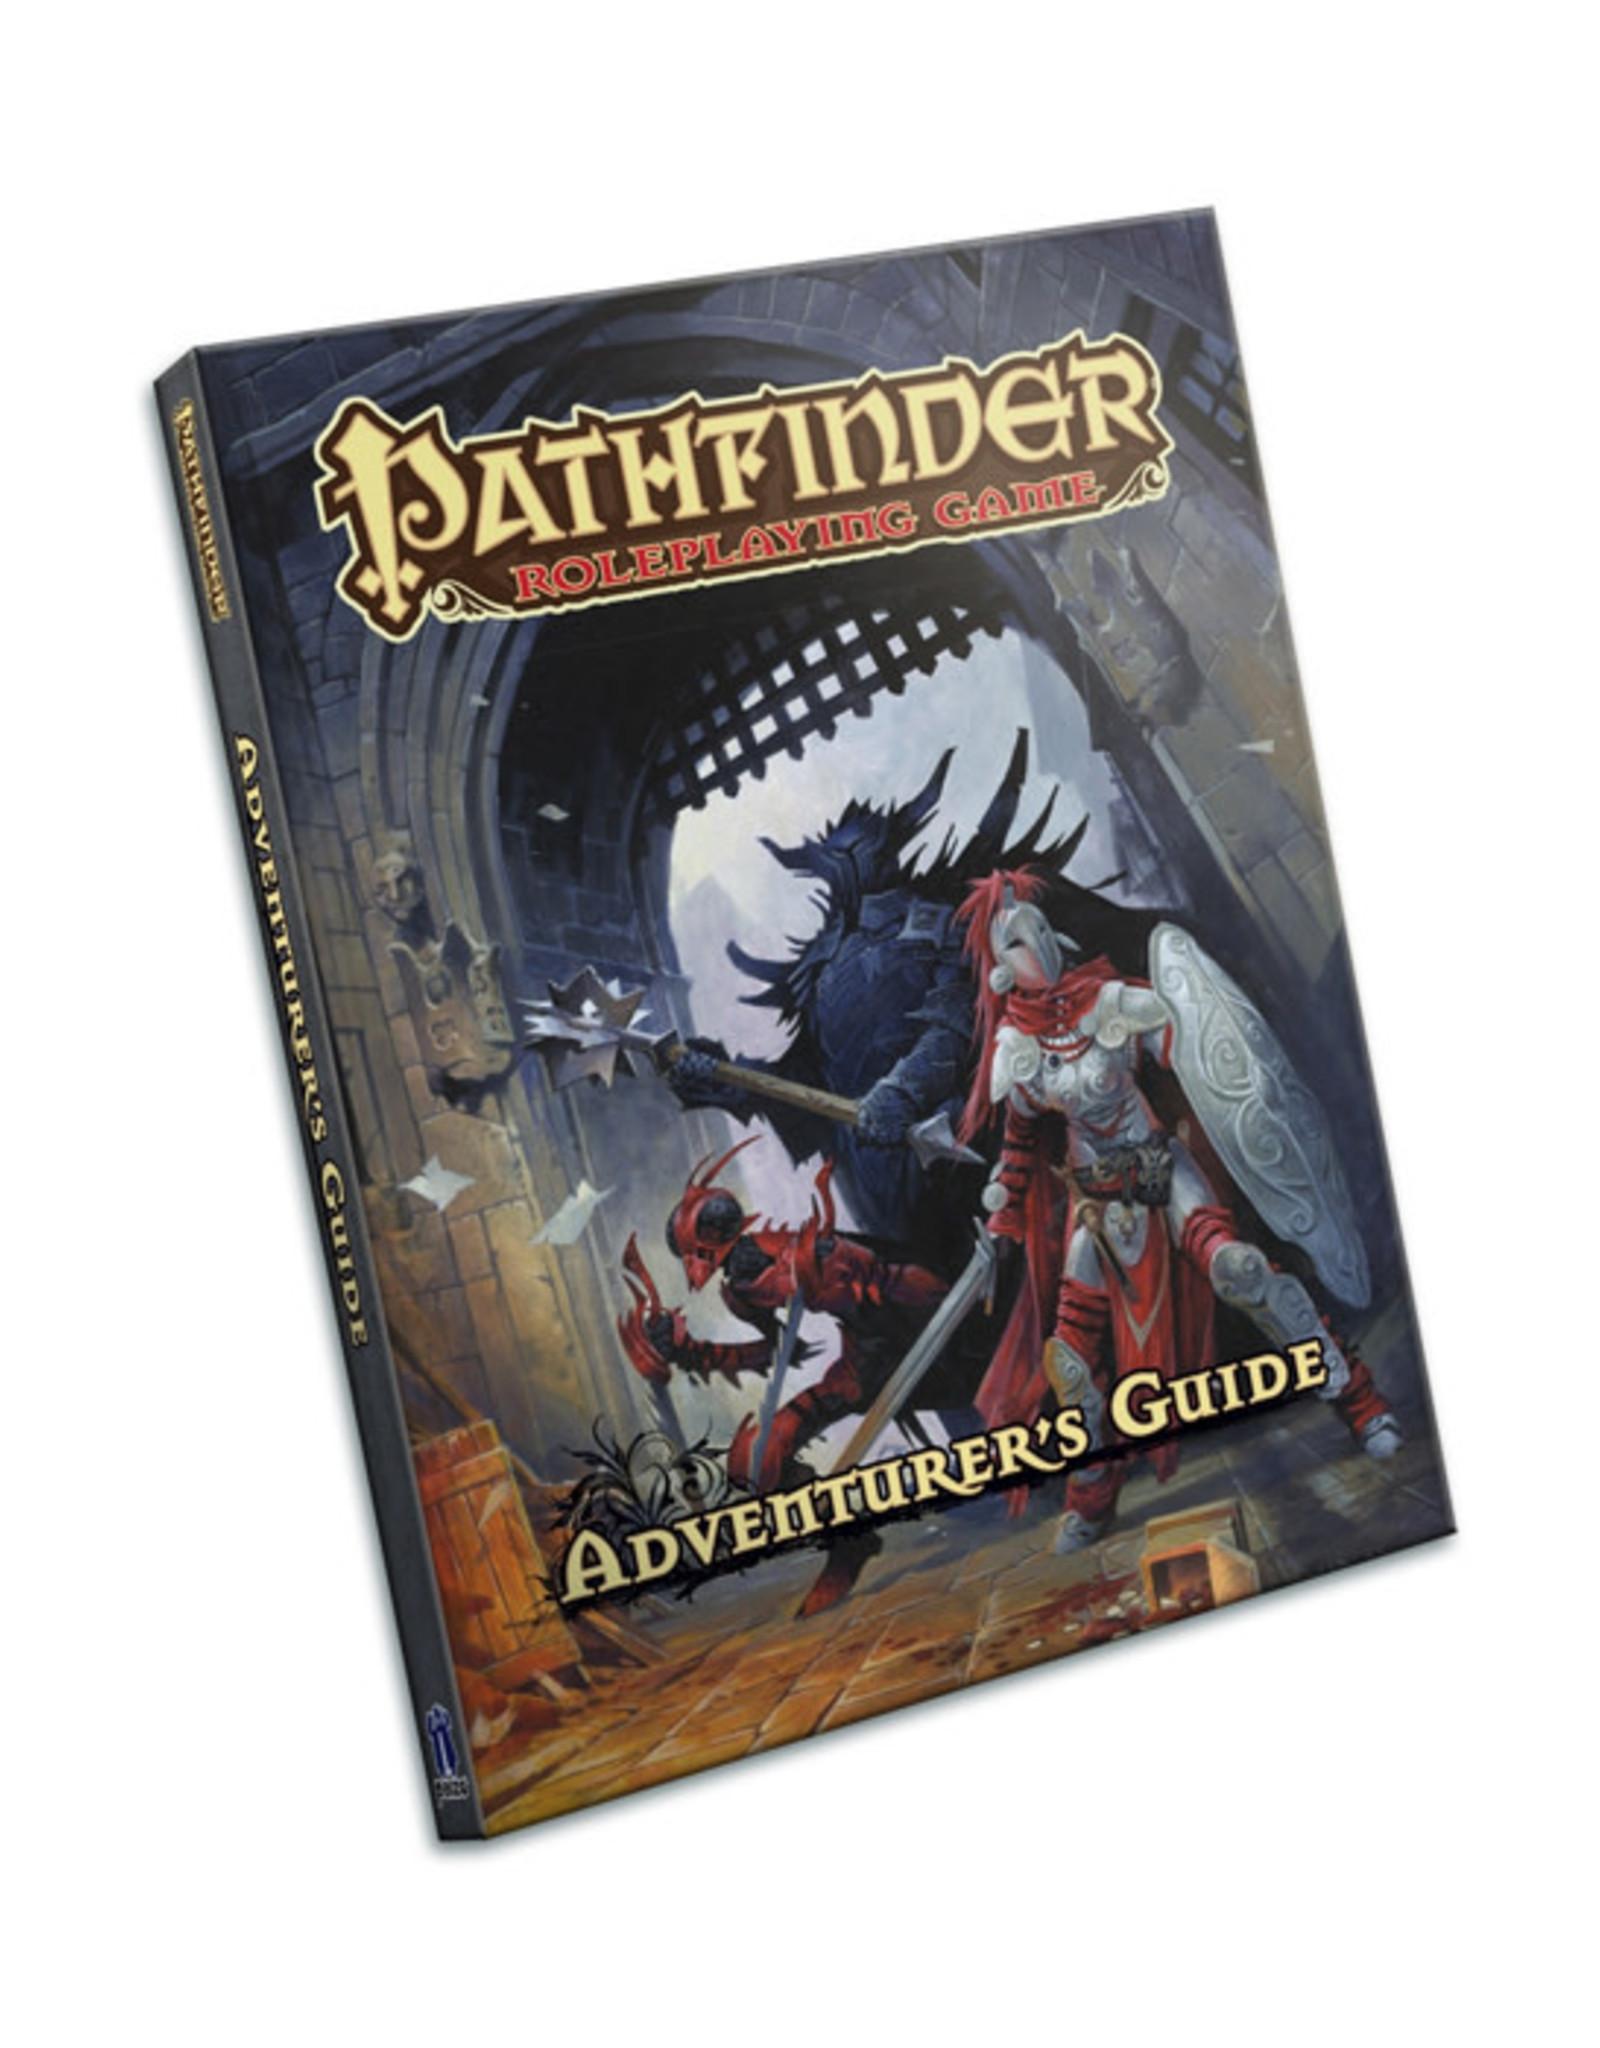 Pathfinder Pathfinder: Adventurer's Guide